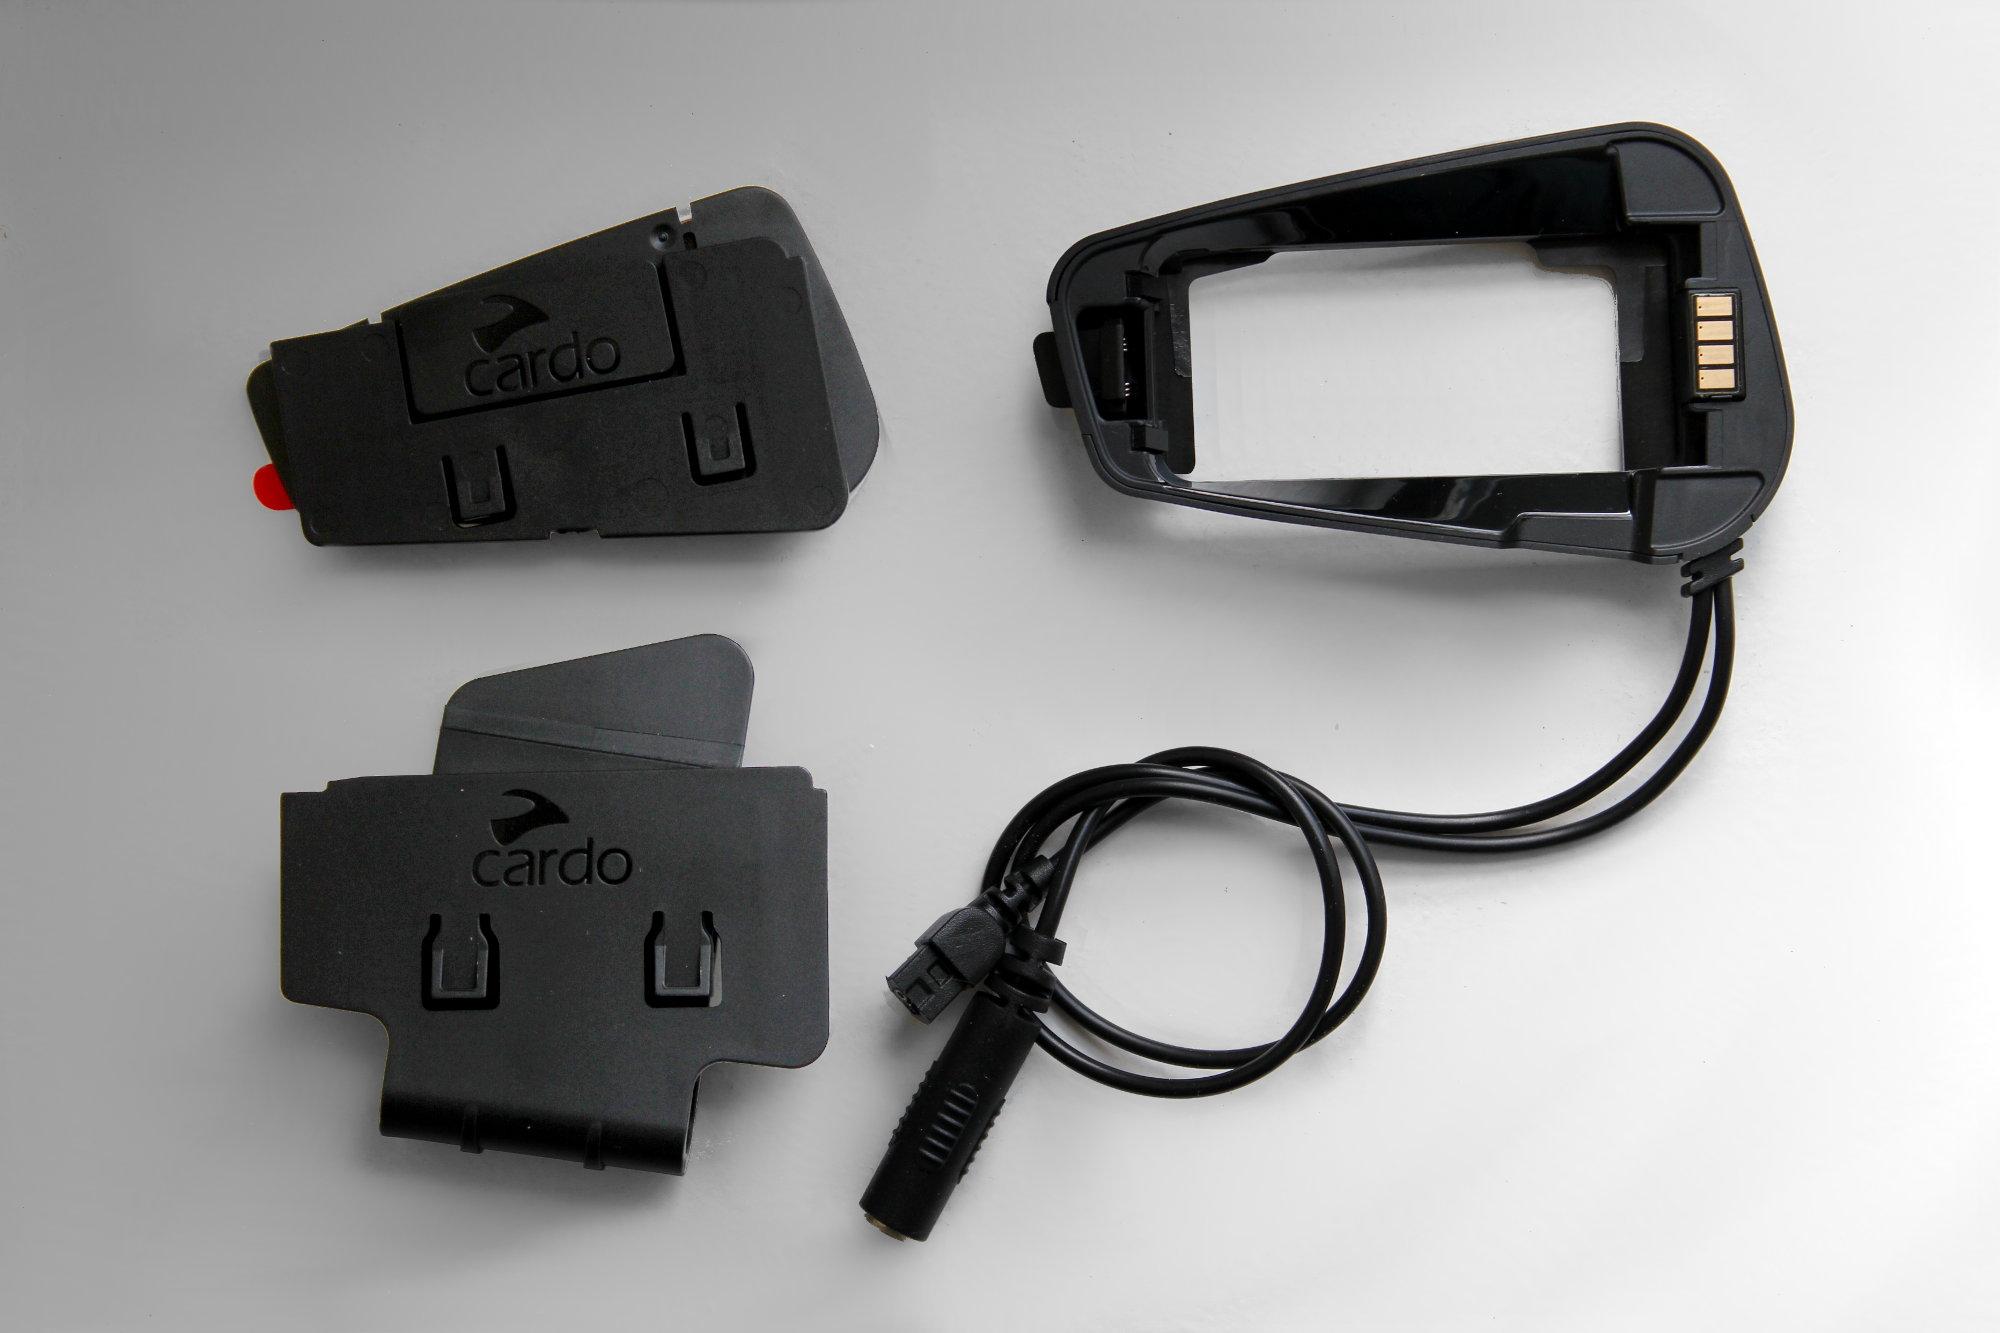 La base del Cardo Freecom y sus dos opciones de fijación en el casco: doble cara o pinza